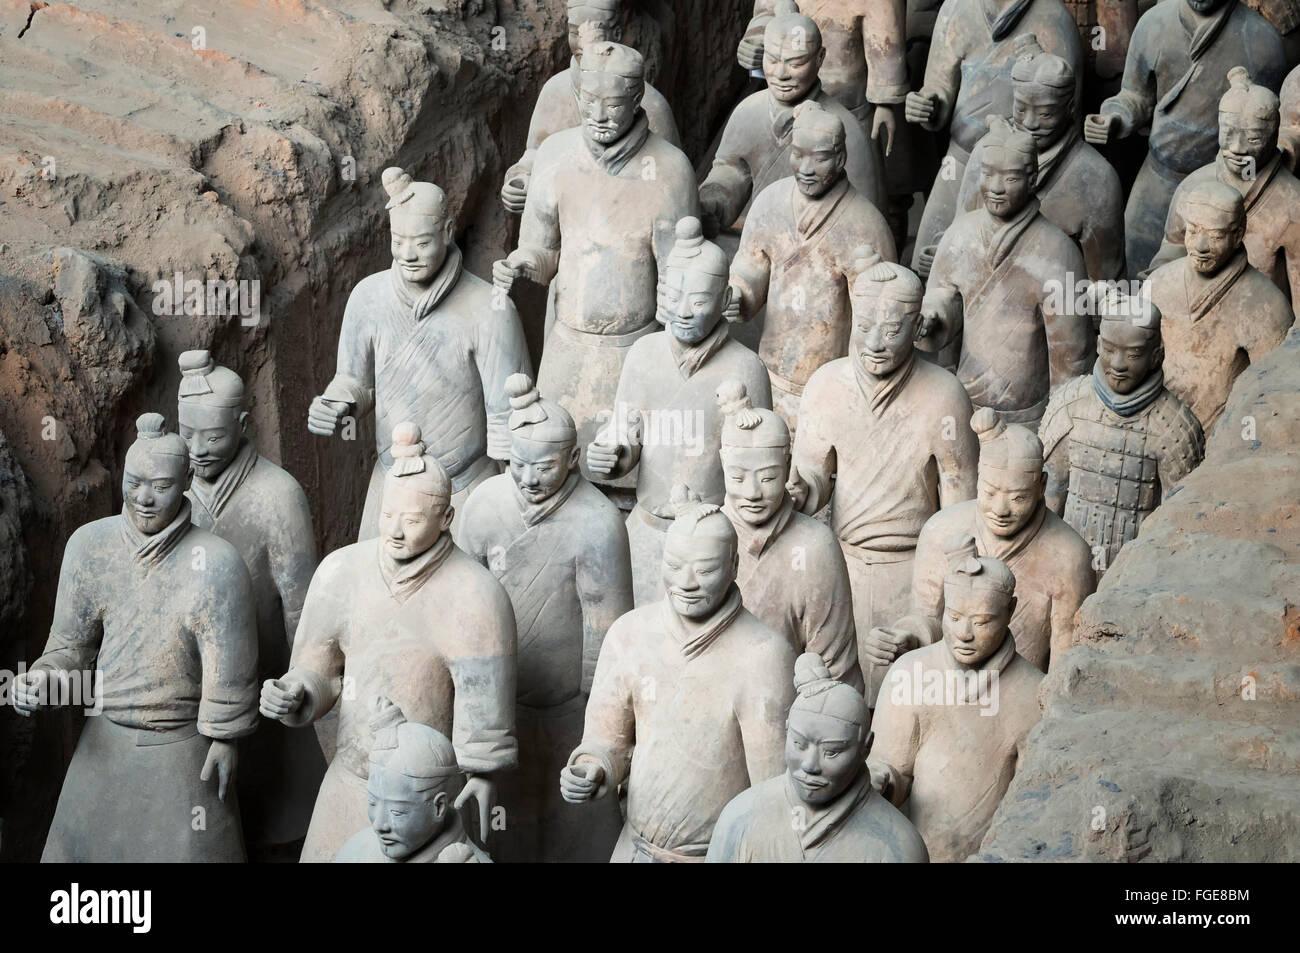 Museo de los Guerreros de Terracota, el mausoleo del primer emperador Qin, Xian, provincia de Shaanxi, China Imagen De Stock